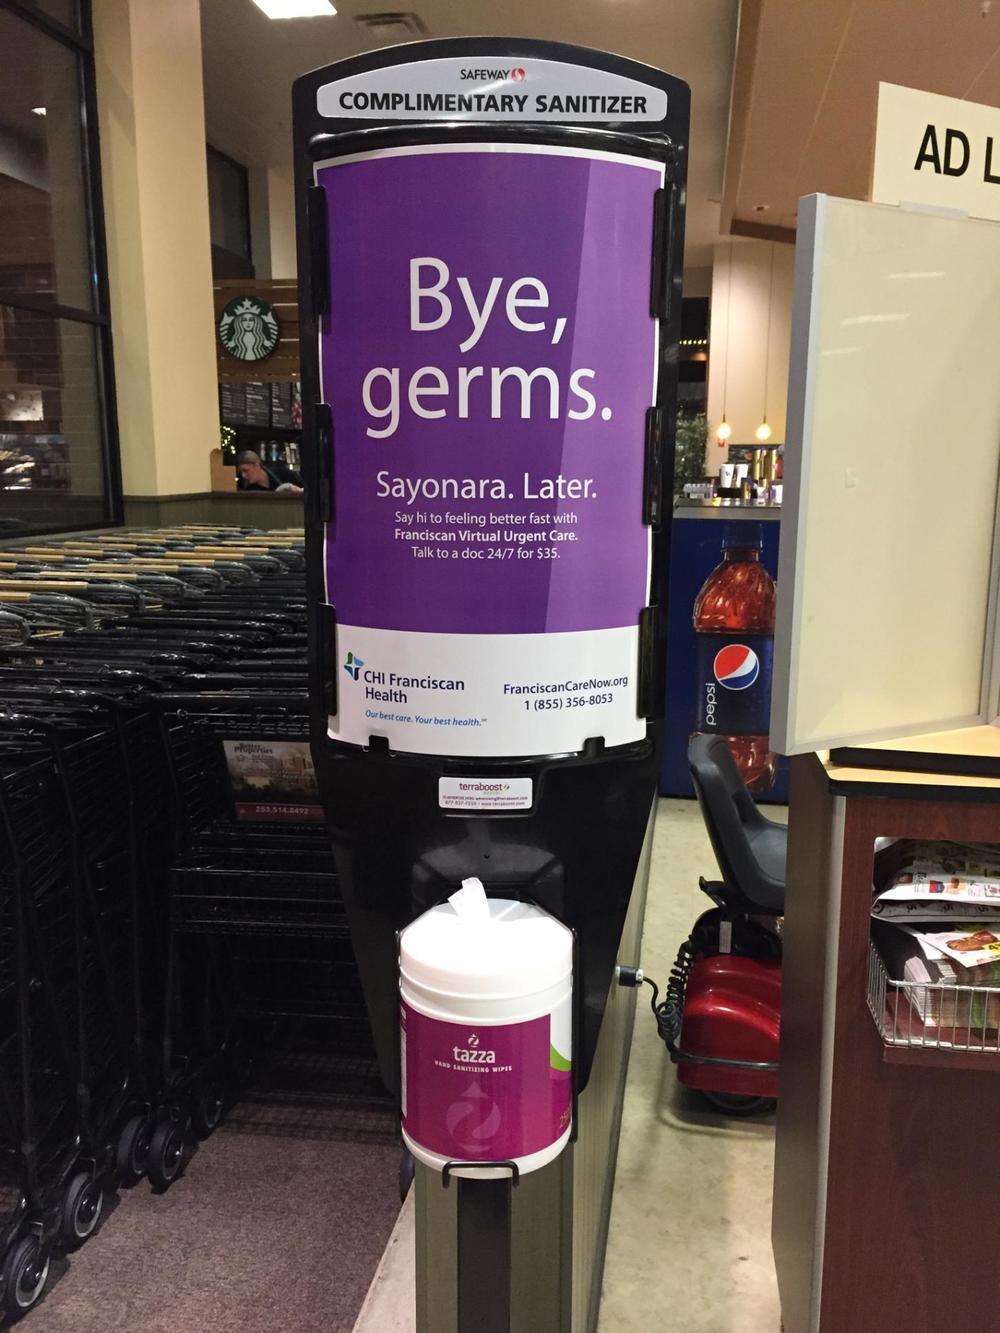 Hand+sanitizer+GH+Safeway.jpg